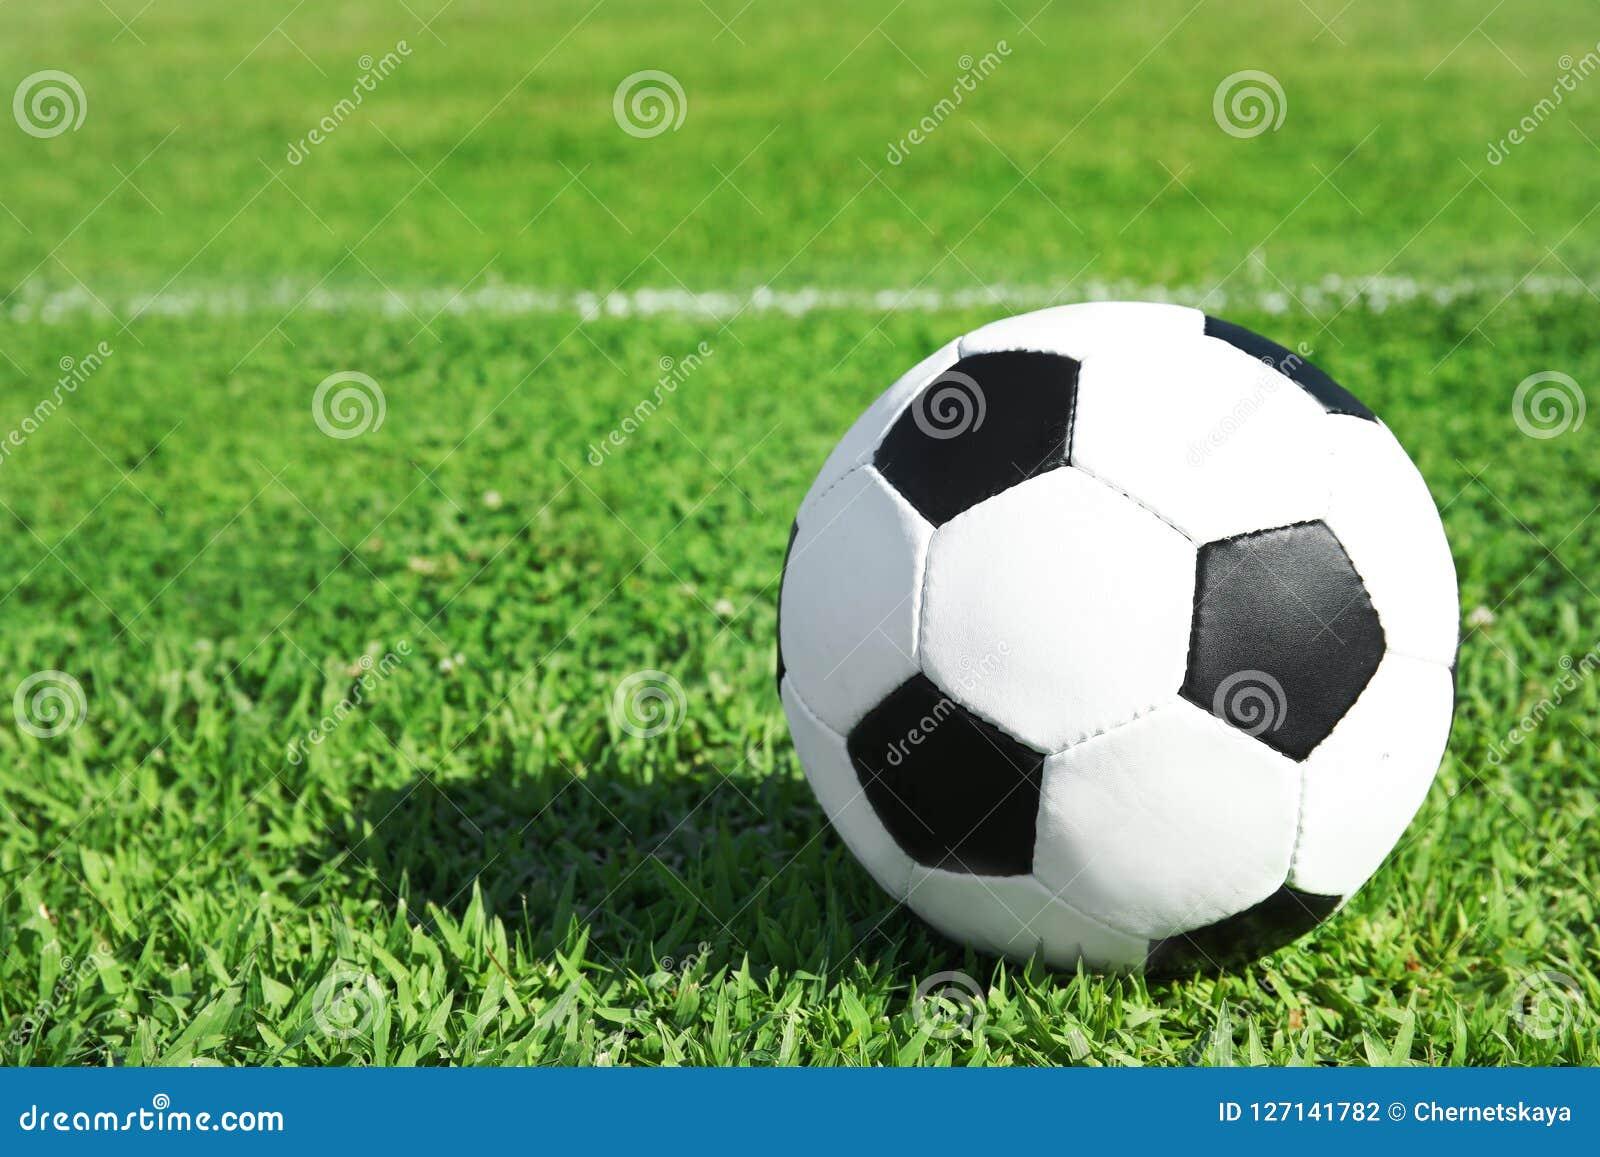 Soccer ball on fresh green football field grass.